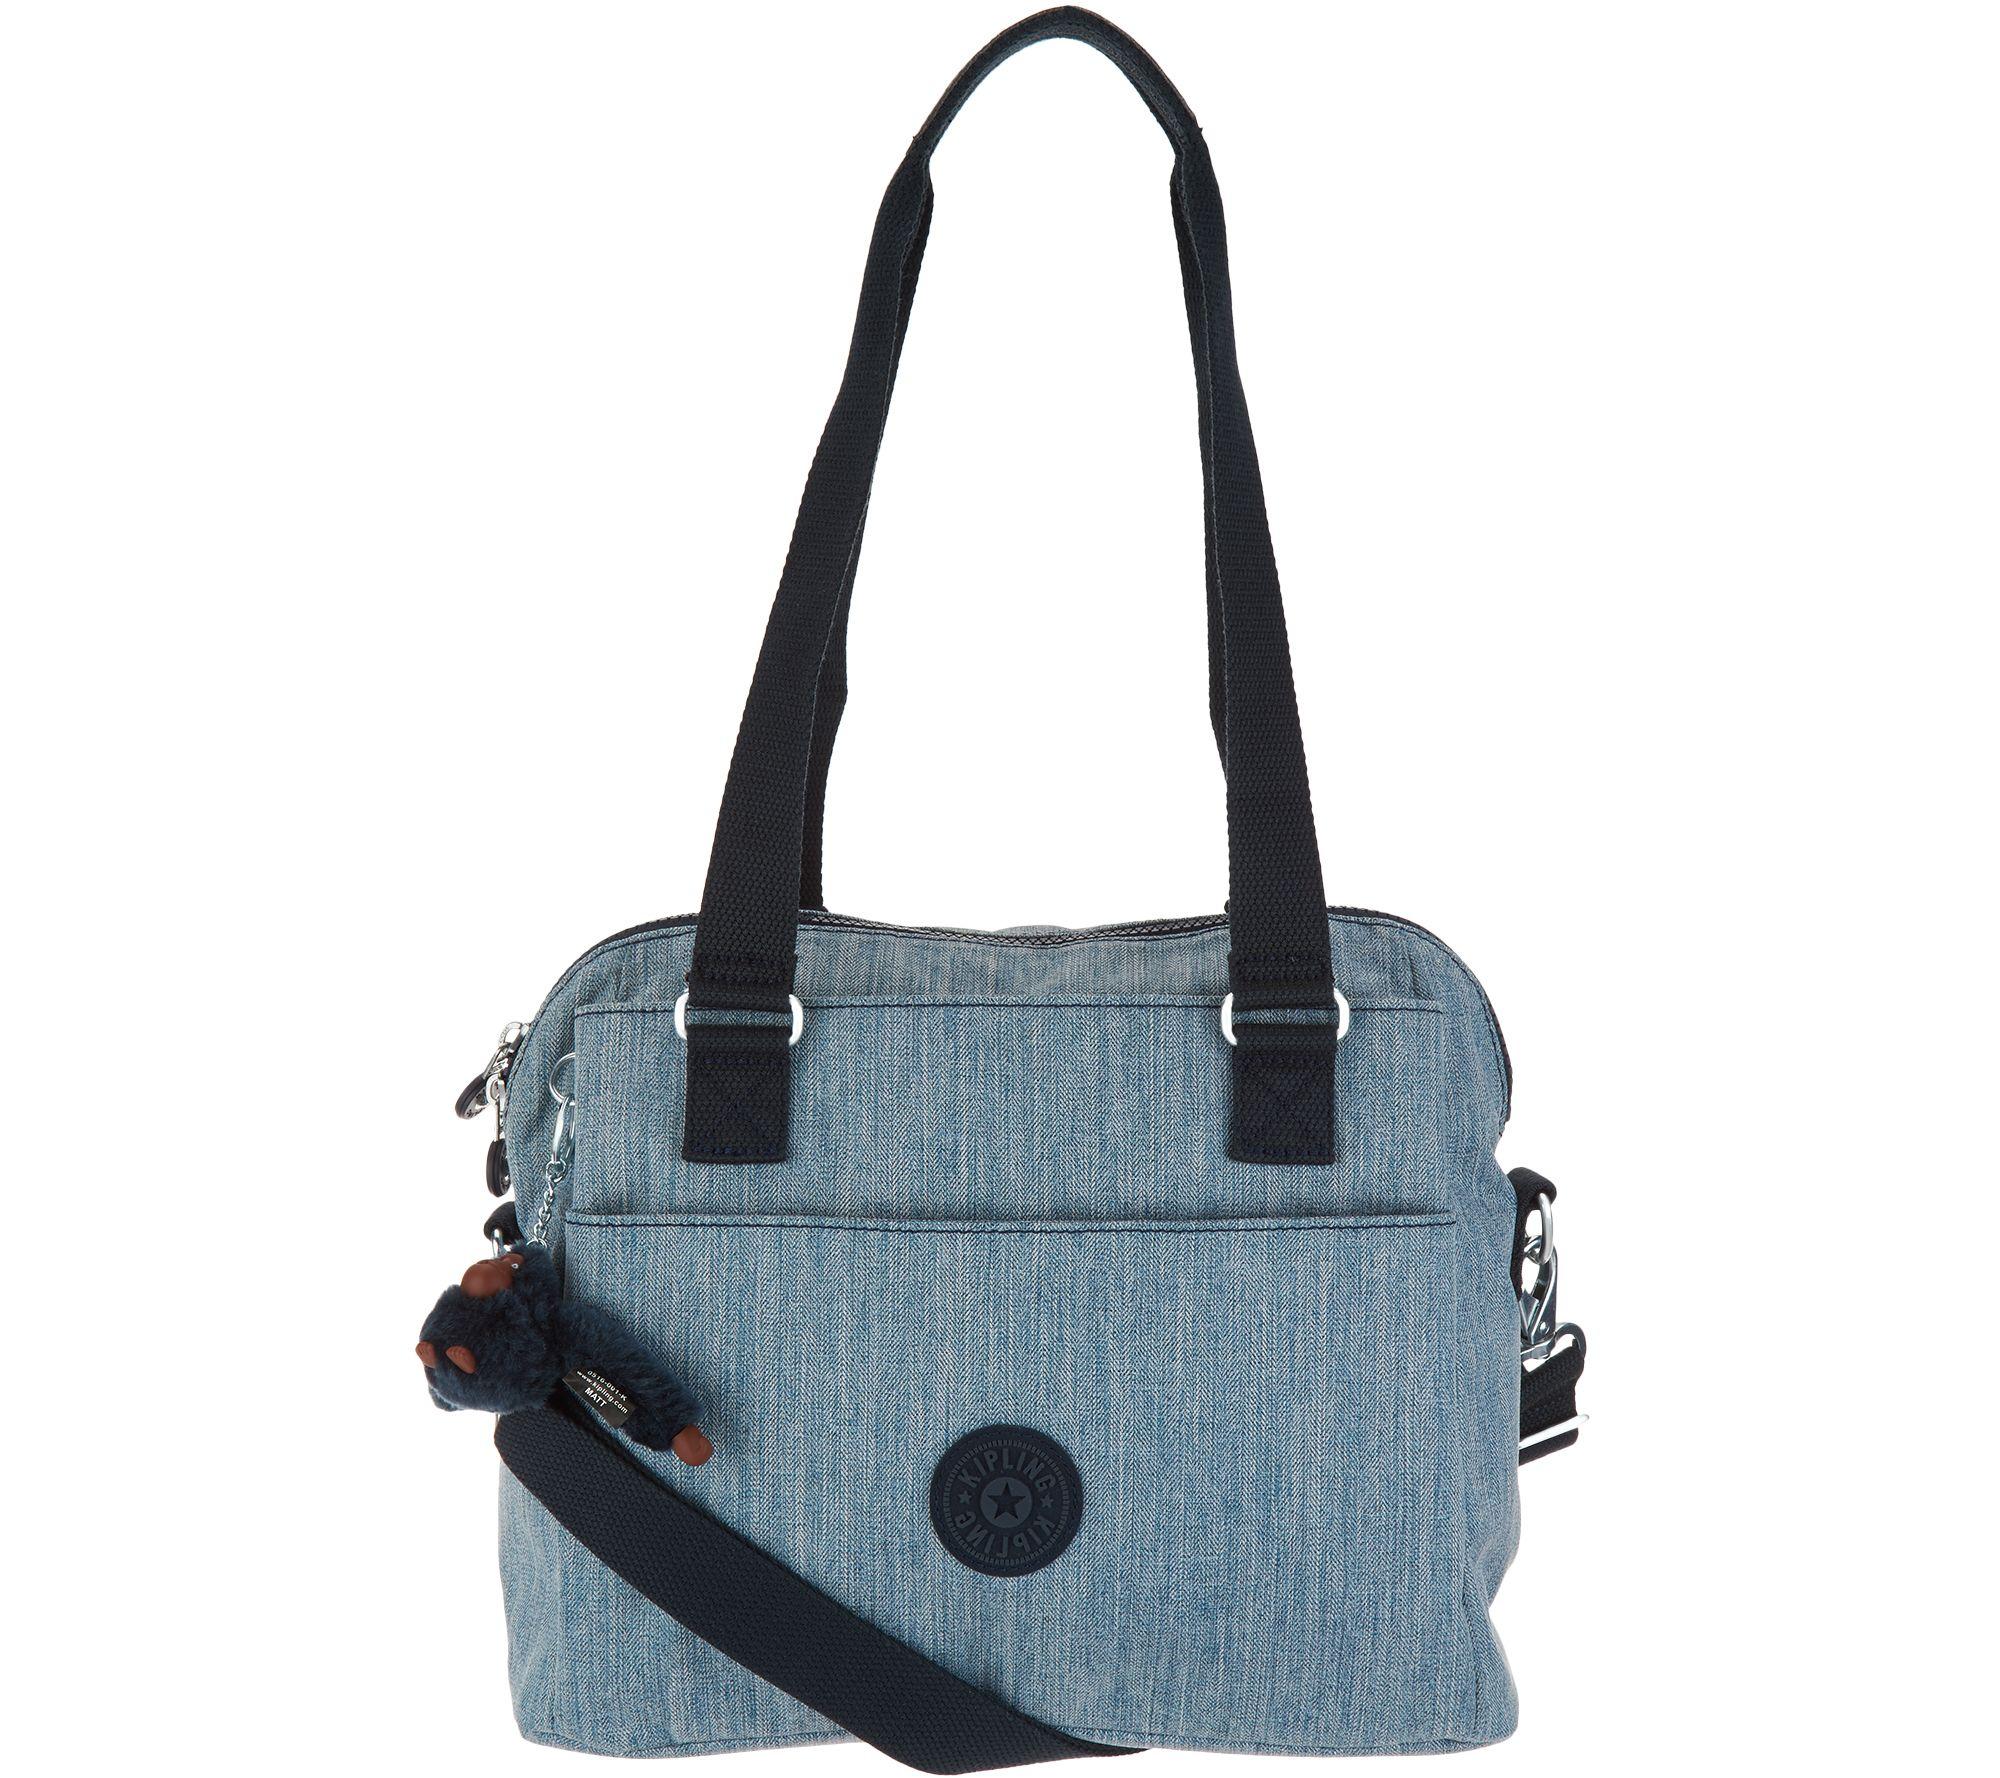 402a0480004 Kipling Zip Top Shoulder Bag w/ Crossbody Strap - Felicity - Page 1 —  QVC.com